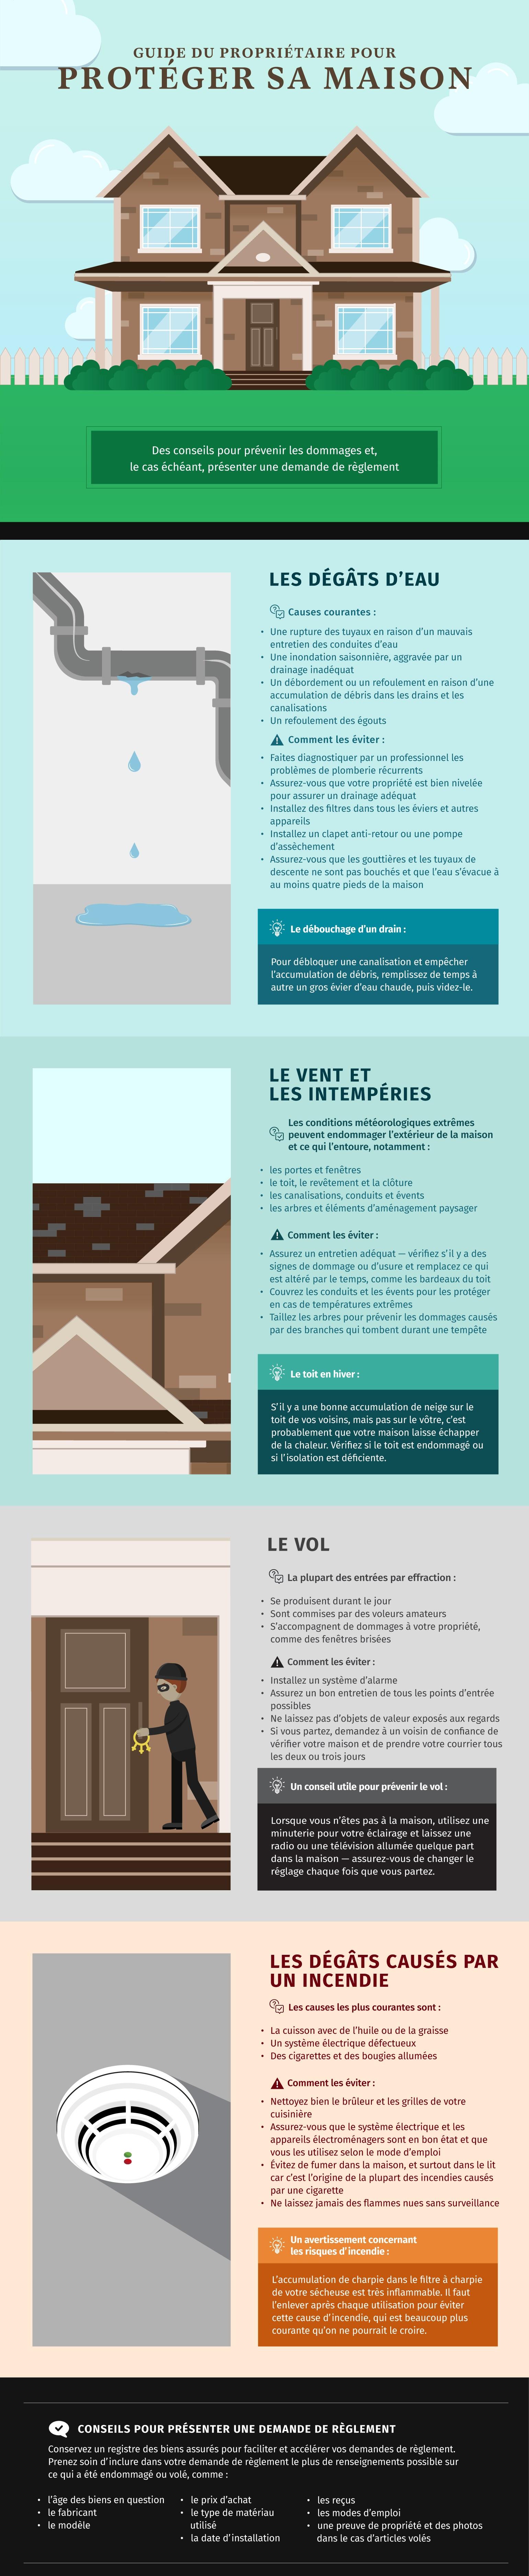 Infographic: Guide du propriétaire pour protéger sa maison